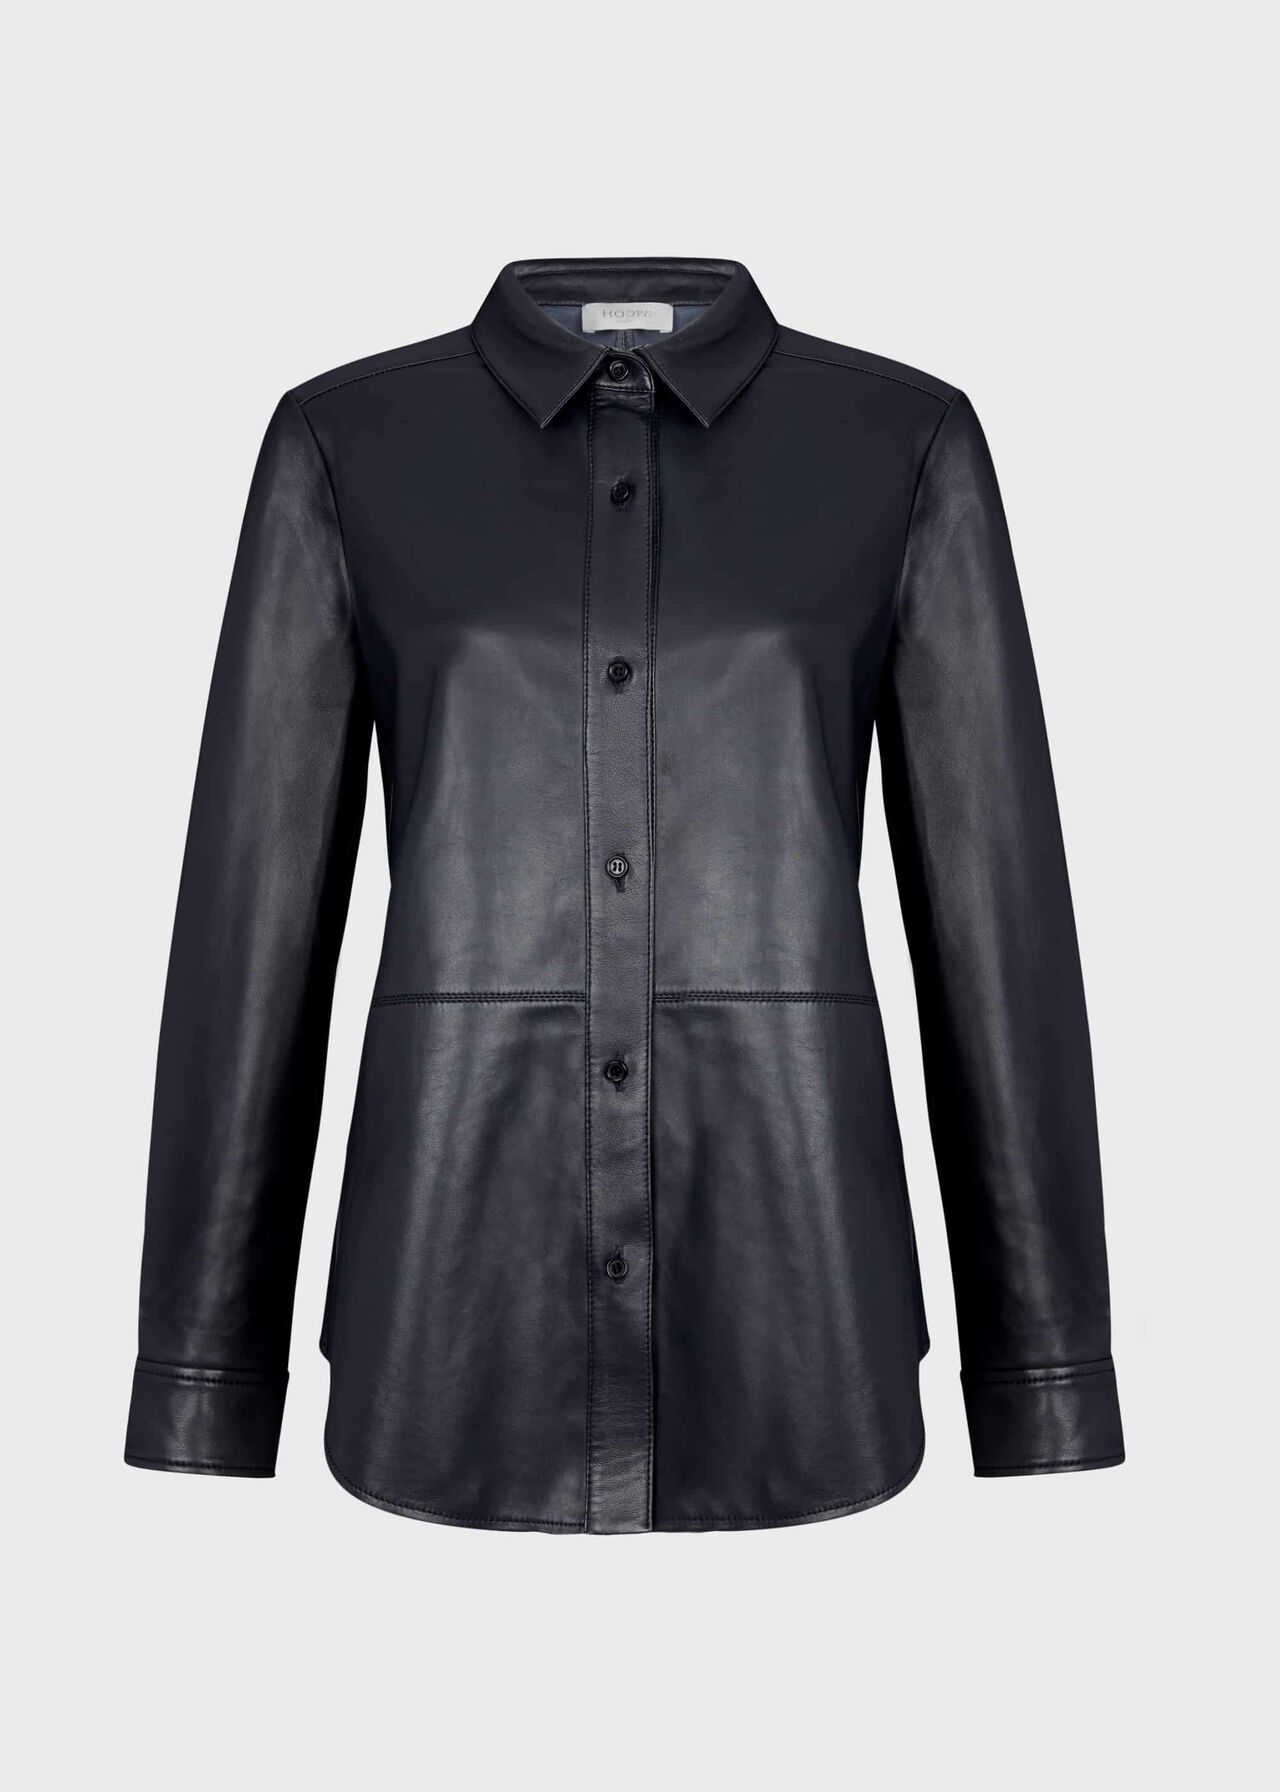 Tia Leather Shirt Navy